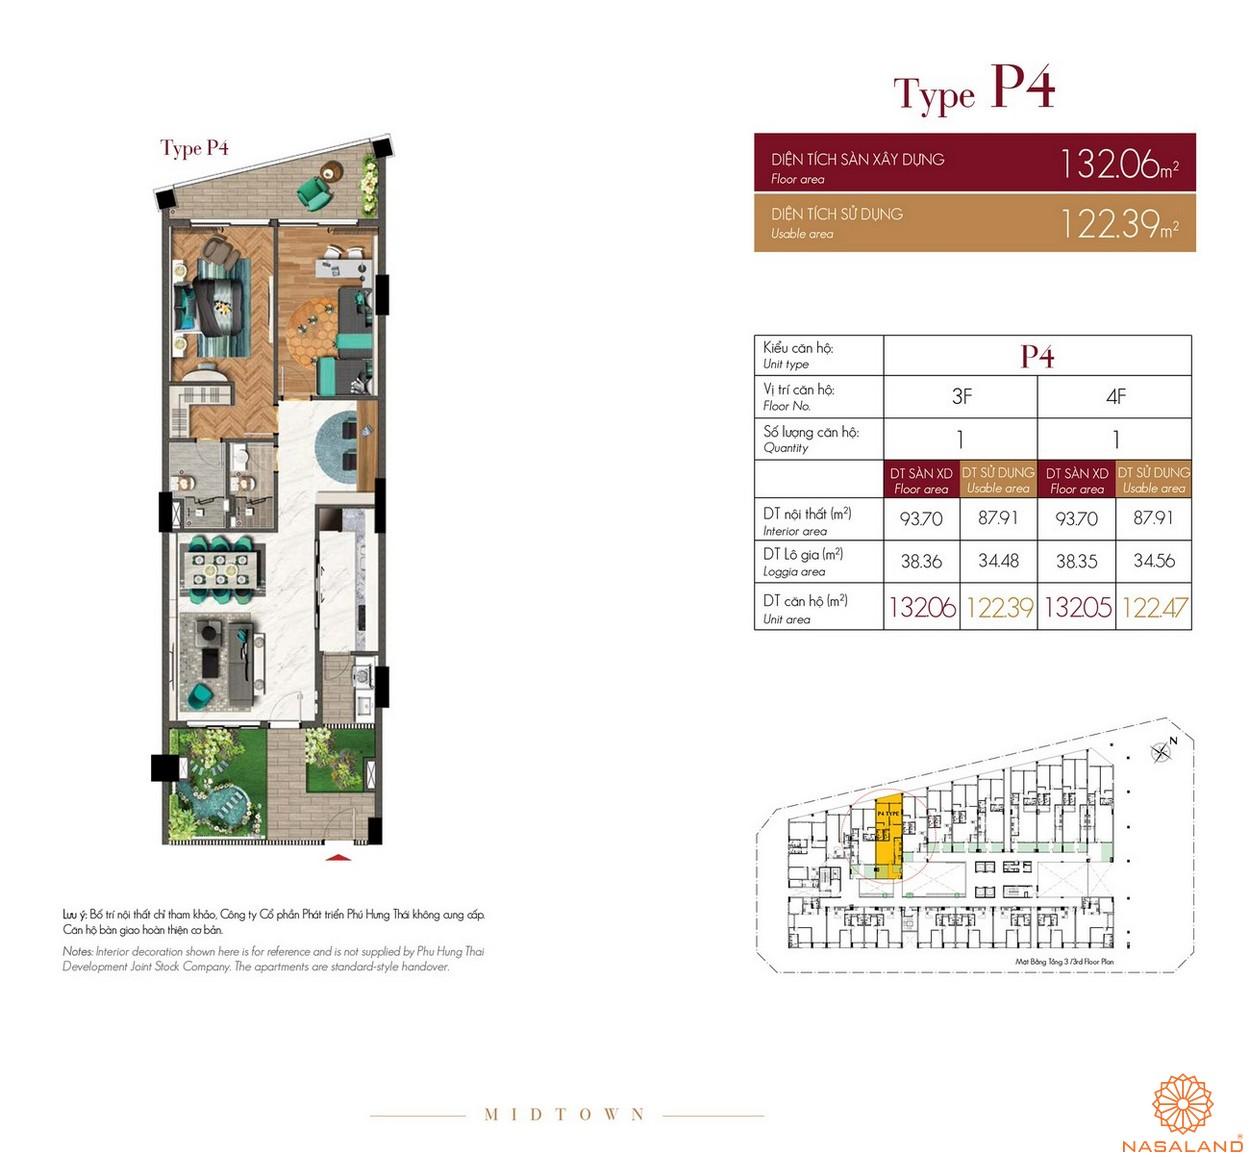 Thiết kế căn hộ Type P4 dự án The Grande Midtown quận 7